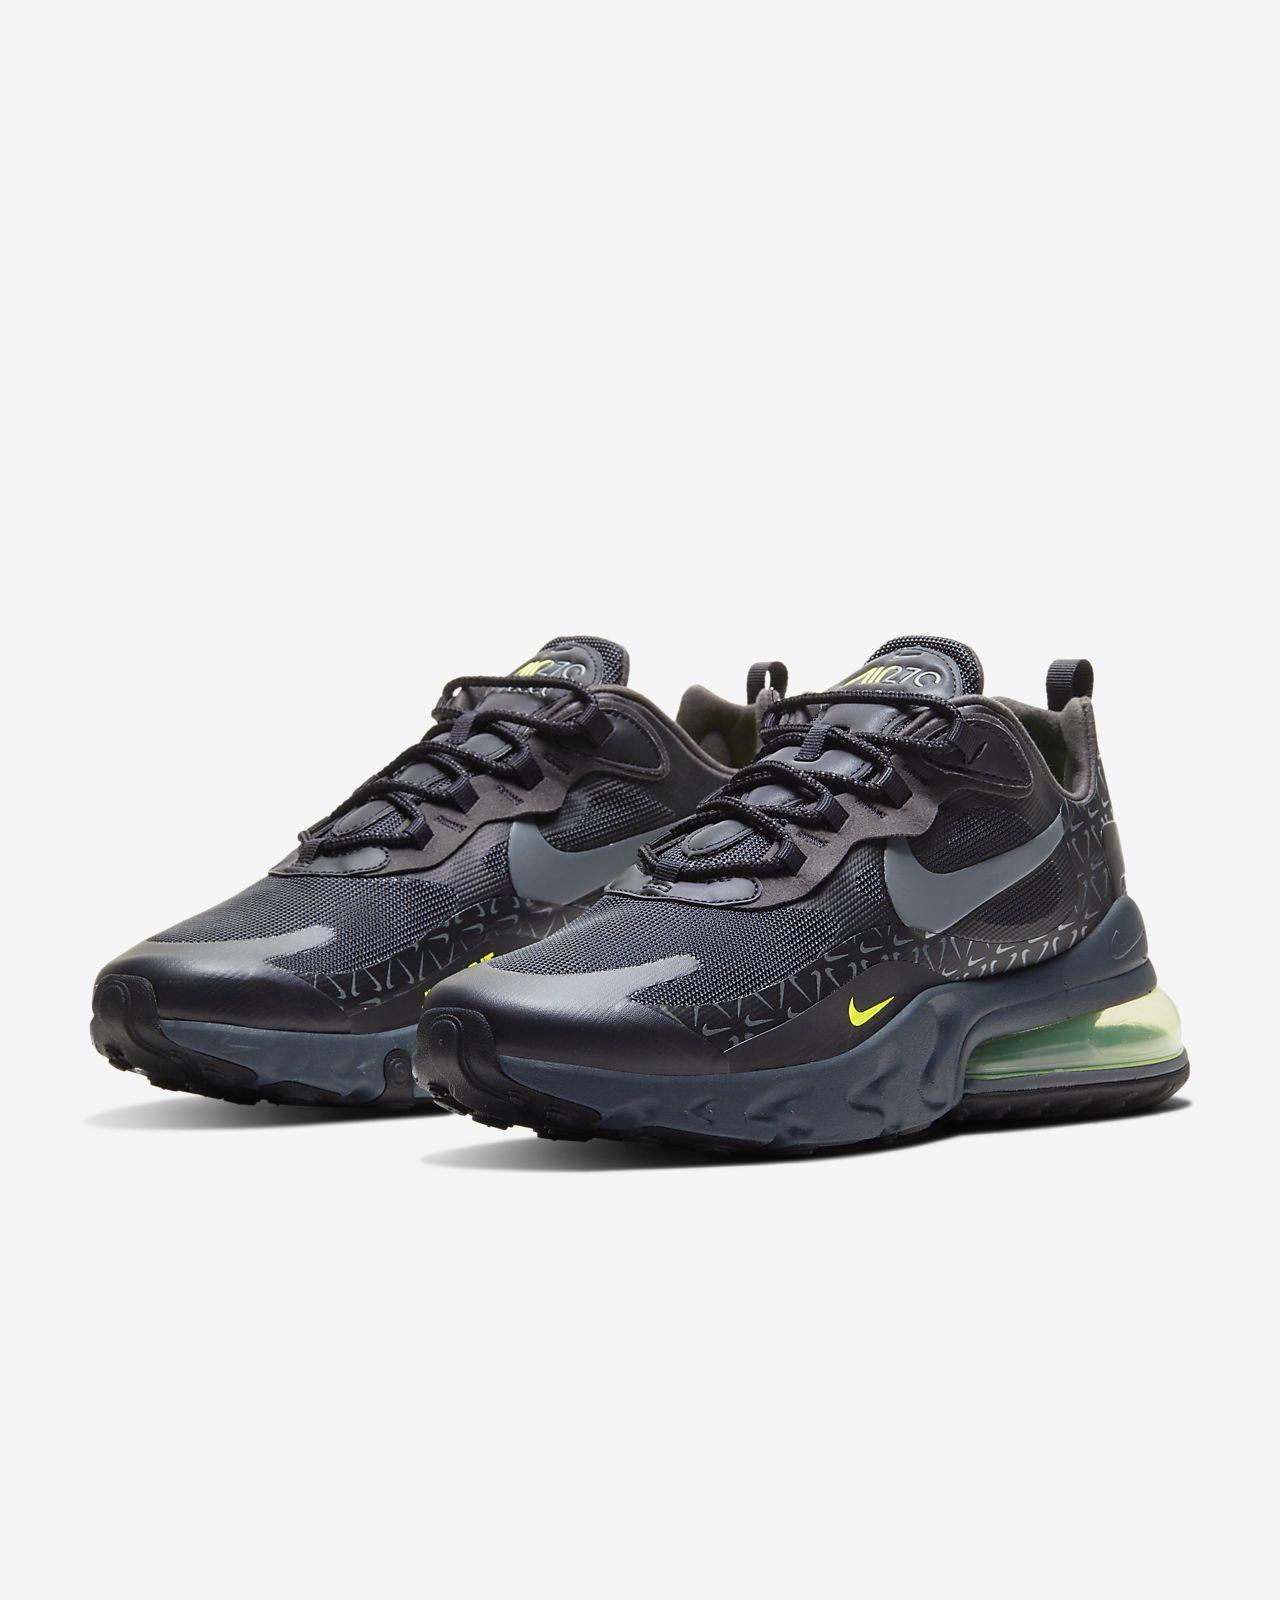 Nike Air Max Sko Salg :